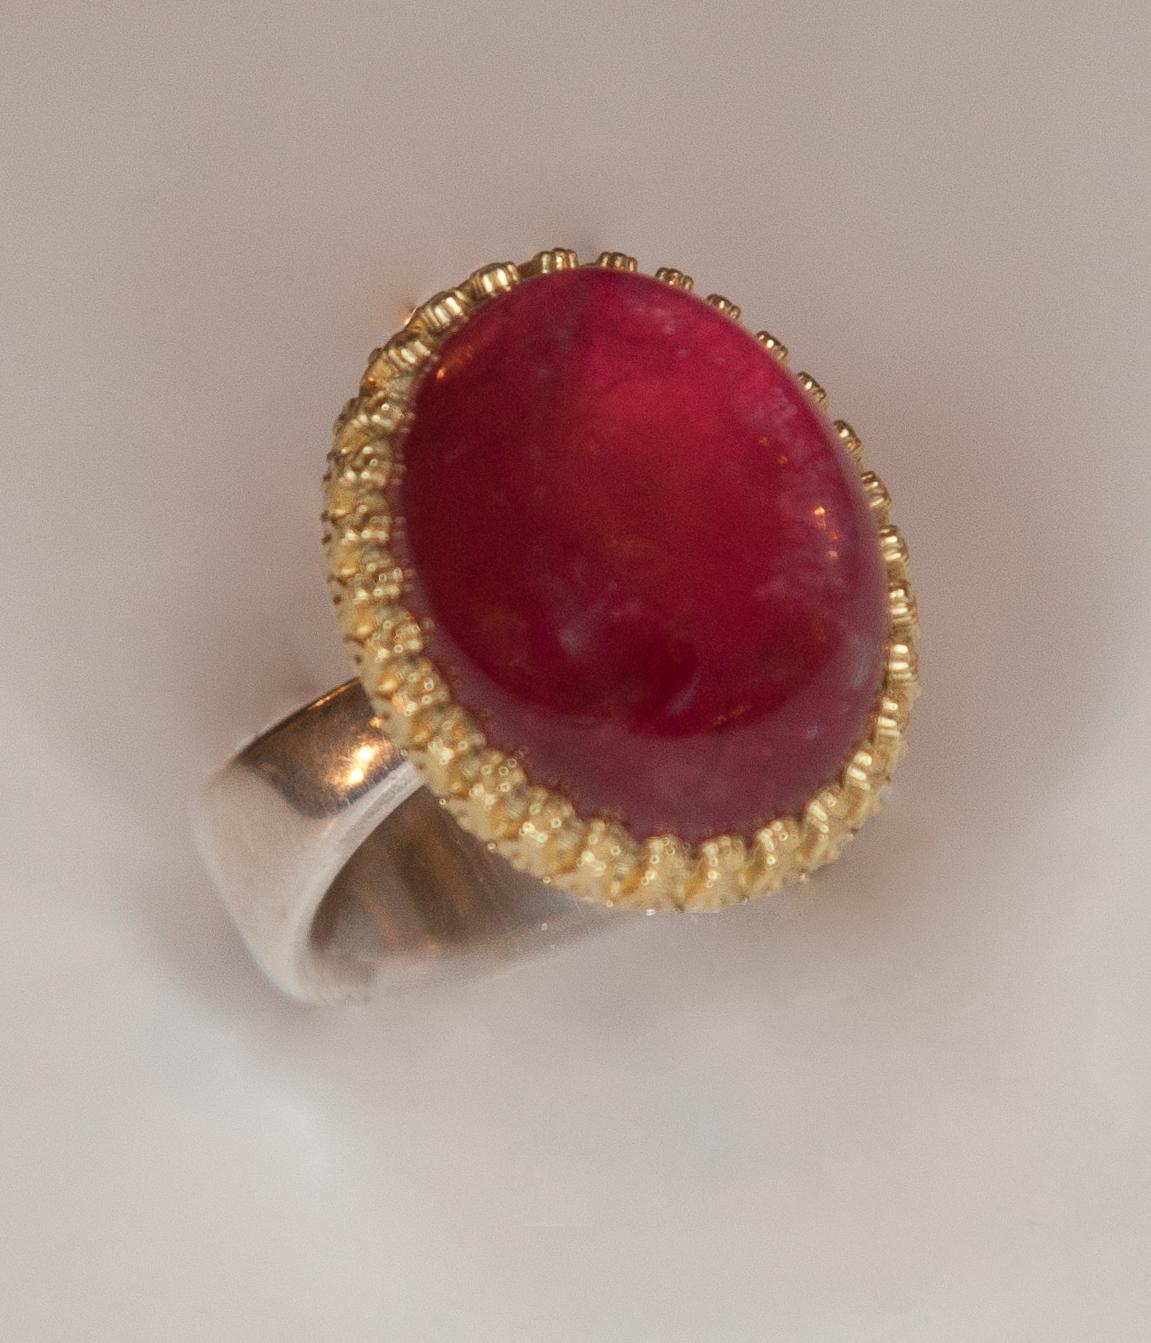 Guldsmed Ina Hertz ring